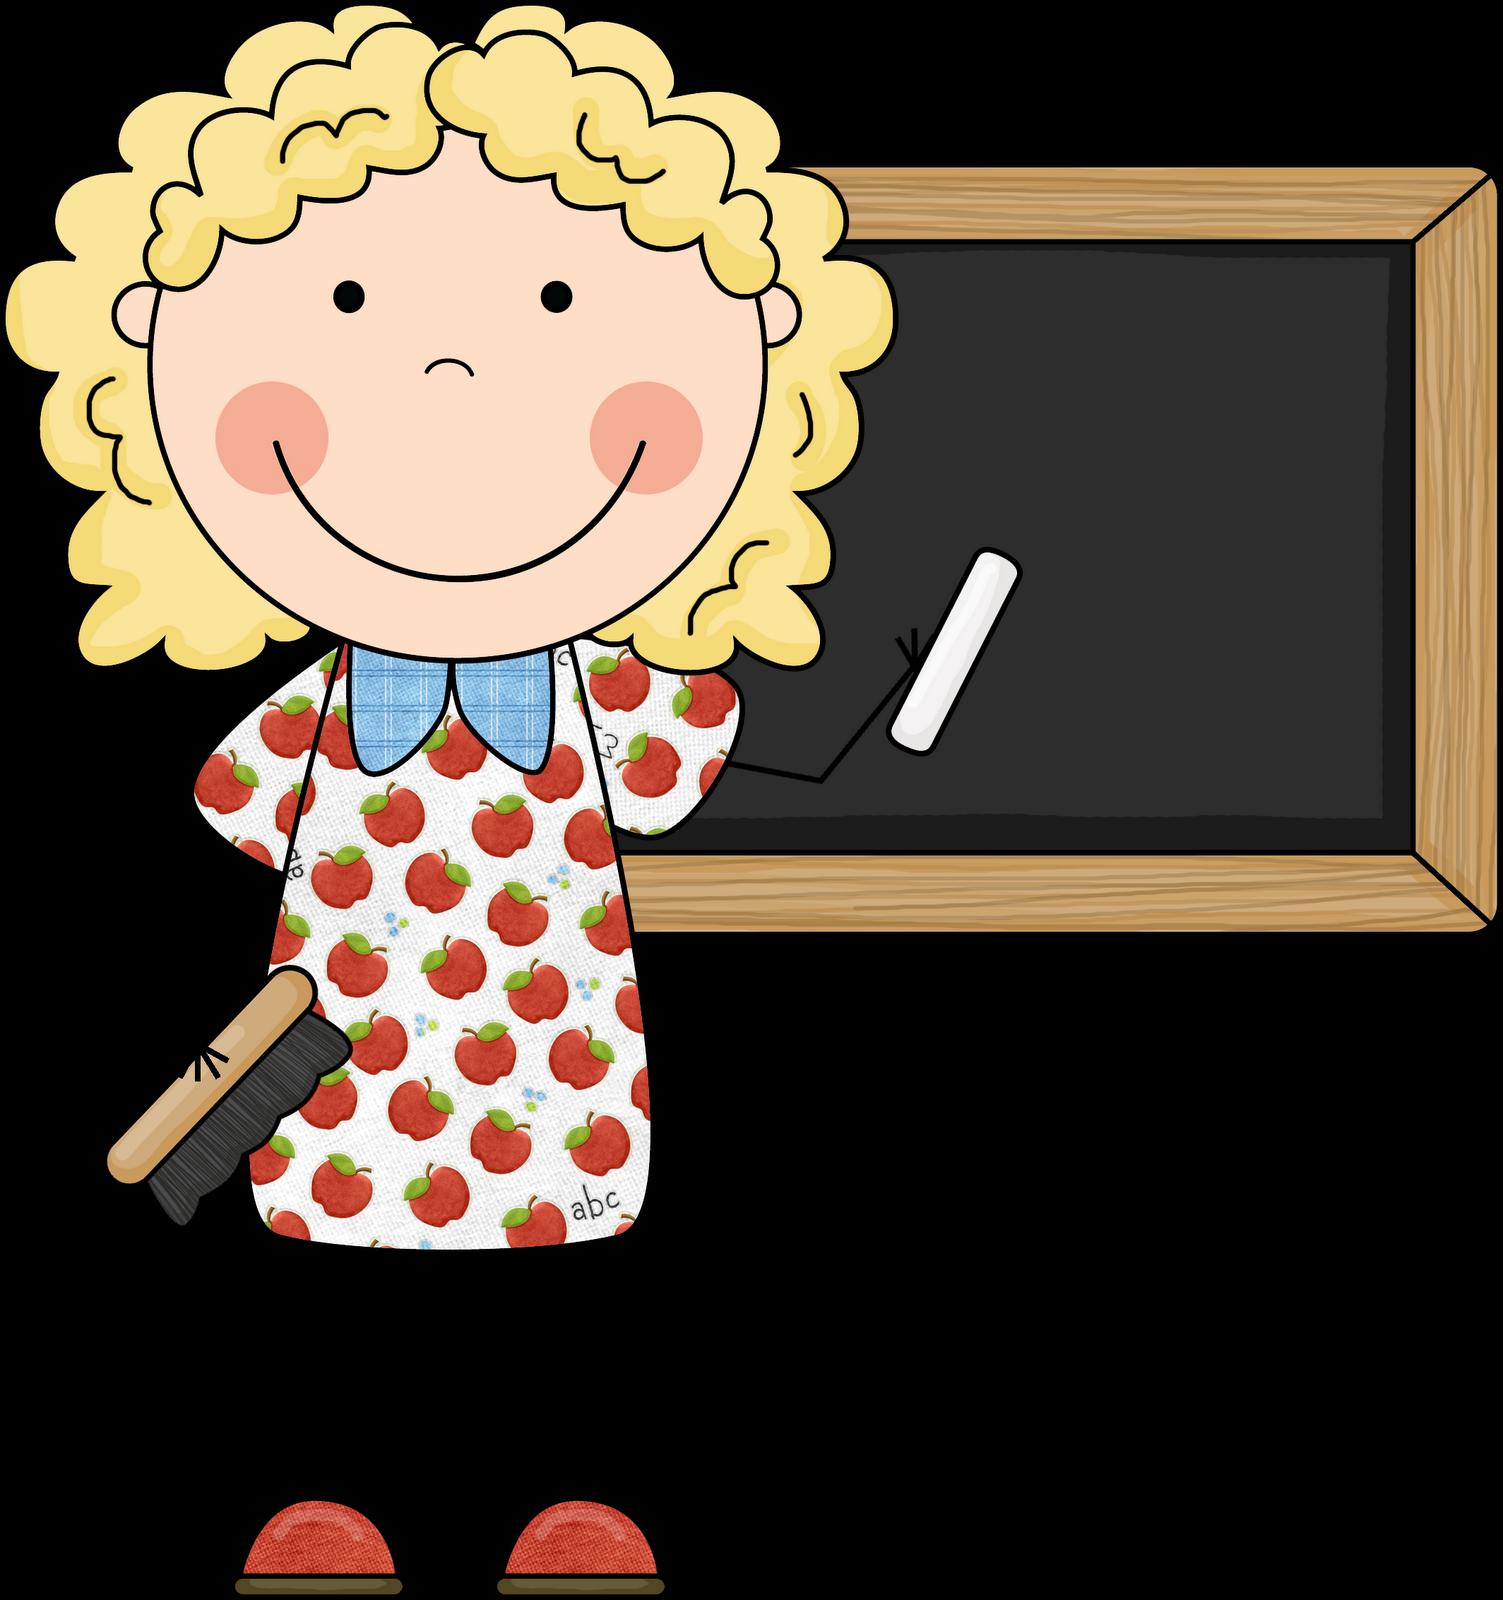 Kindergarten Teacher Clip Art Classroom Decoration